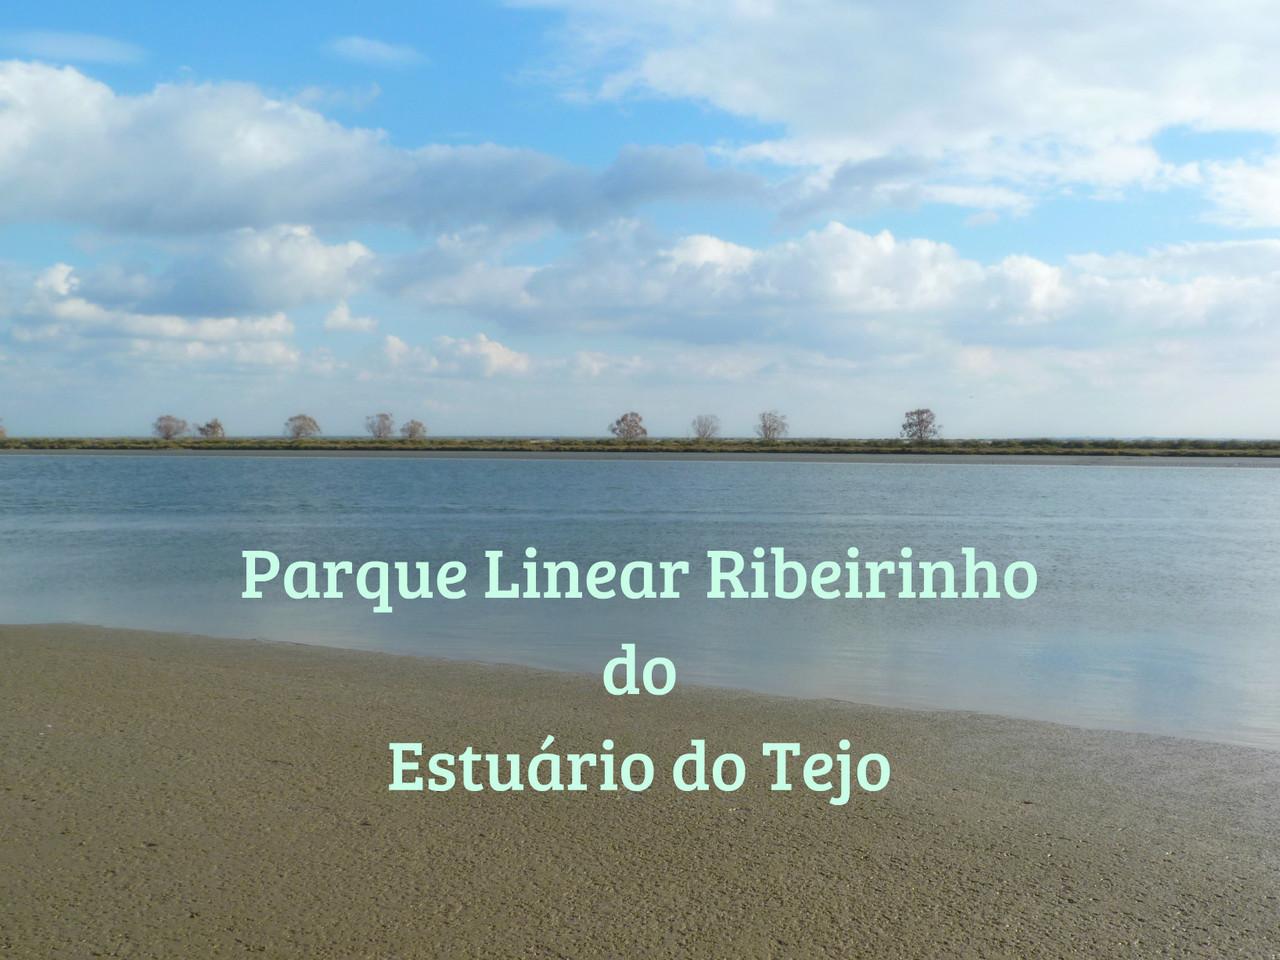 Passear a pé I - O Parque Linear Ribeirinho do Es